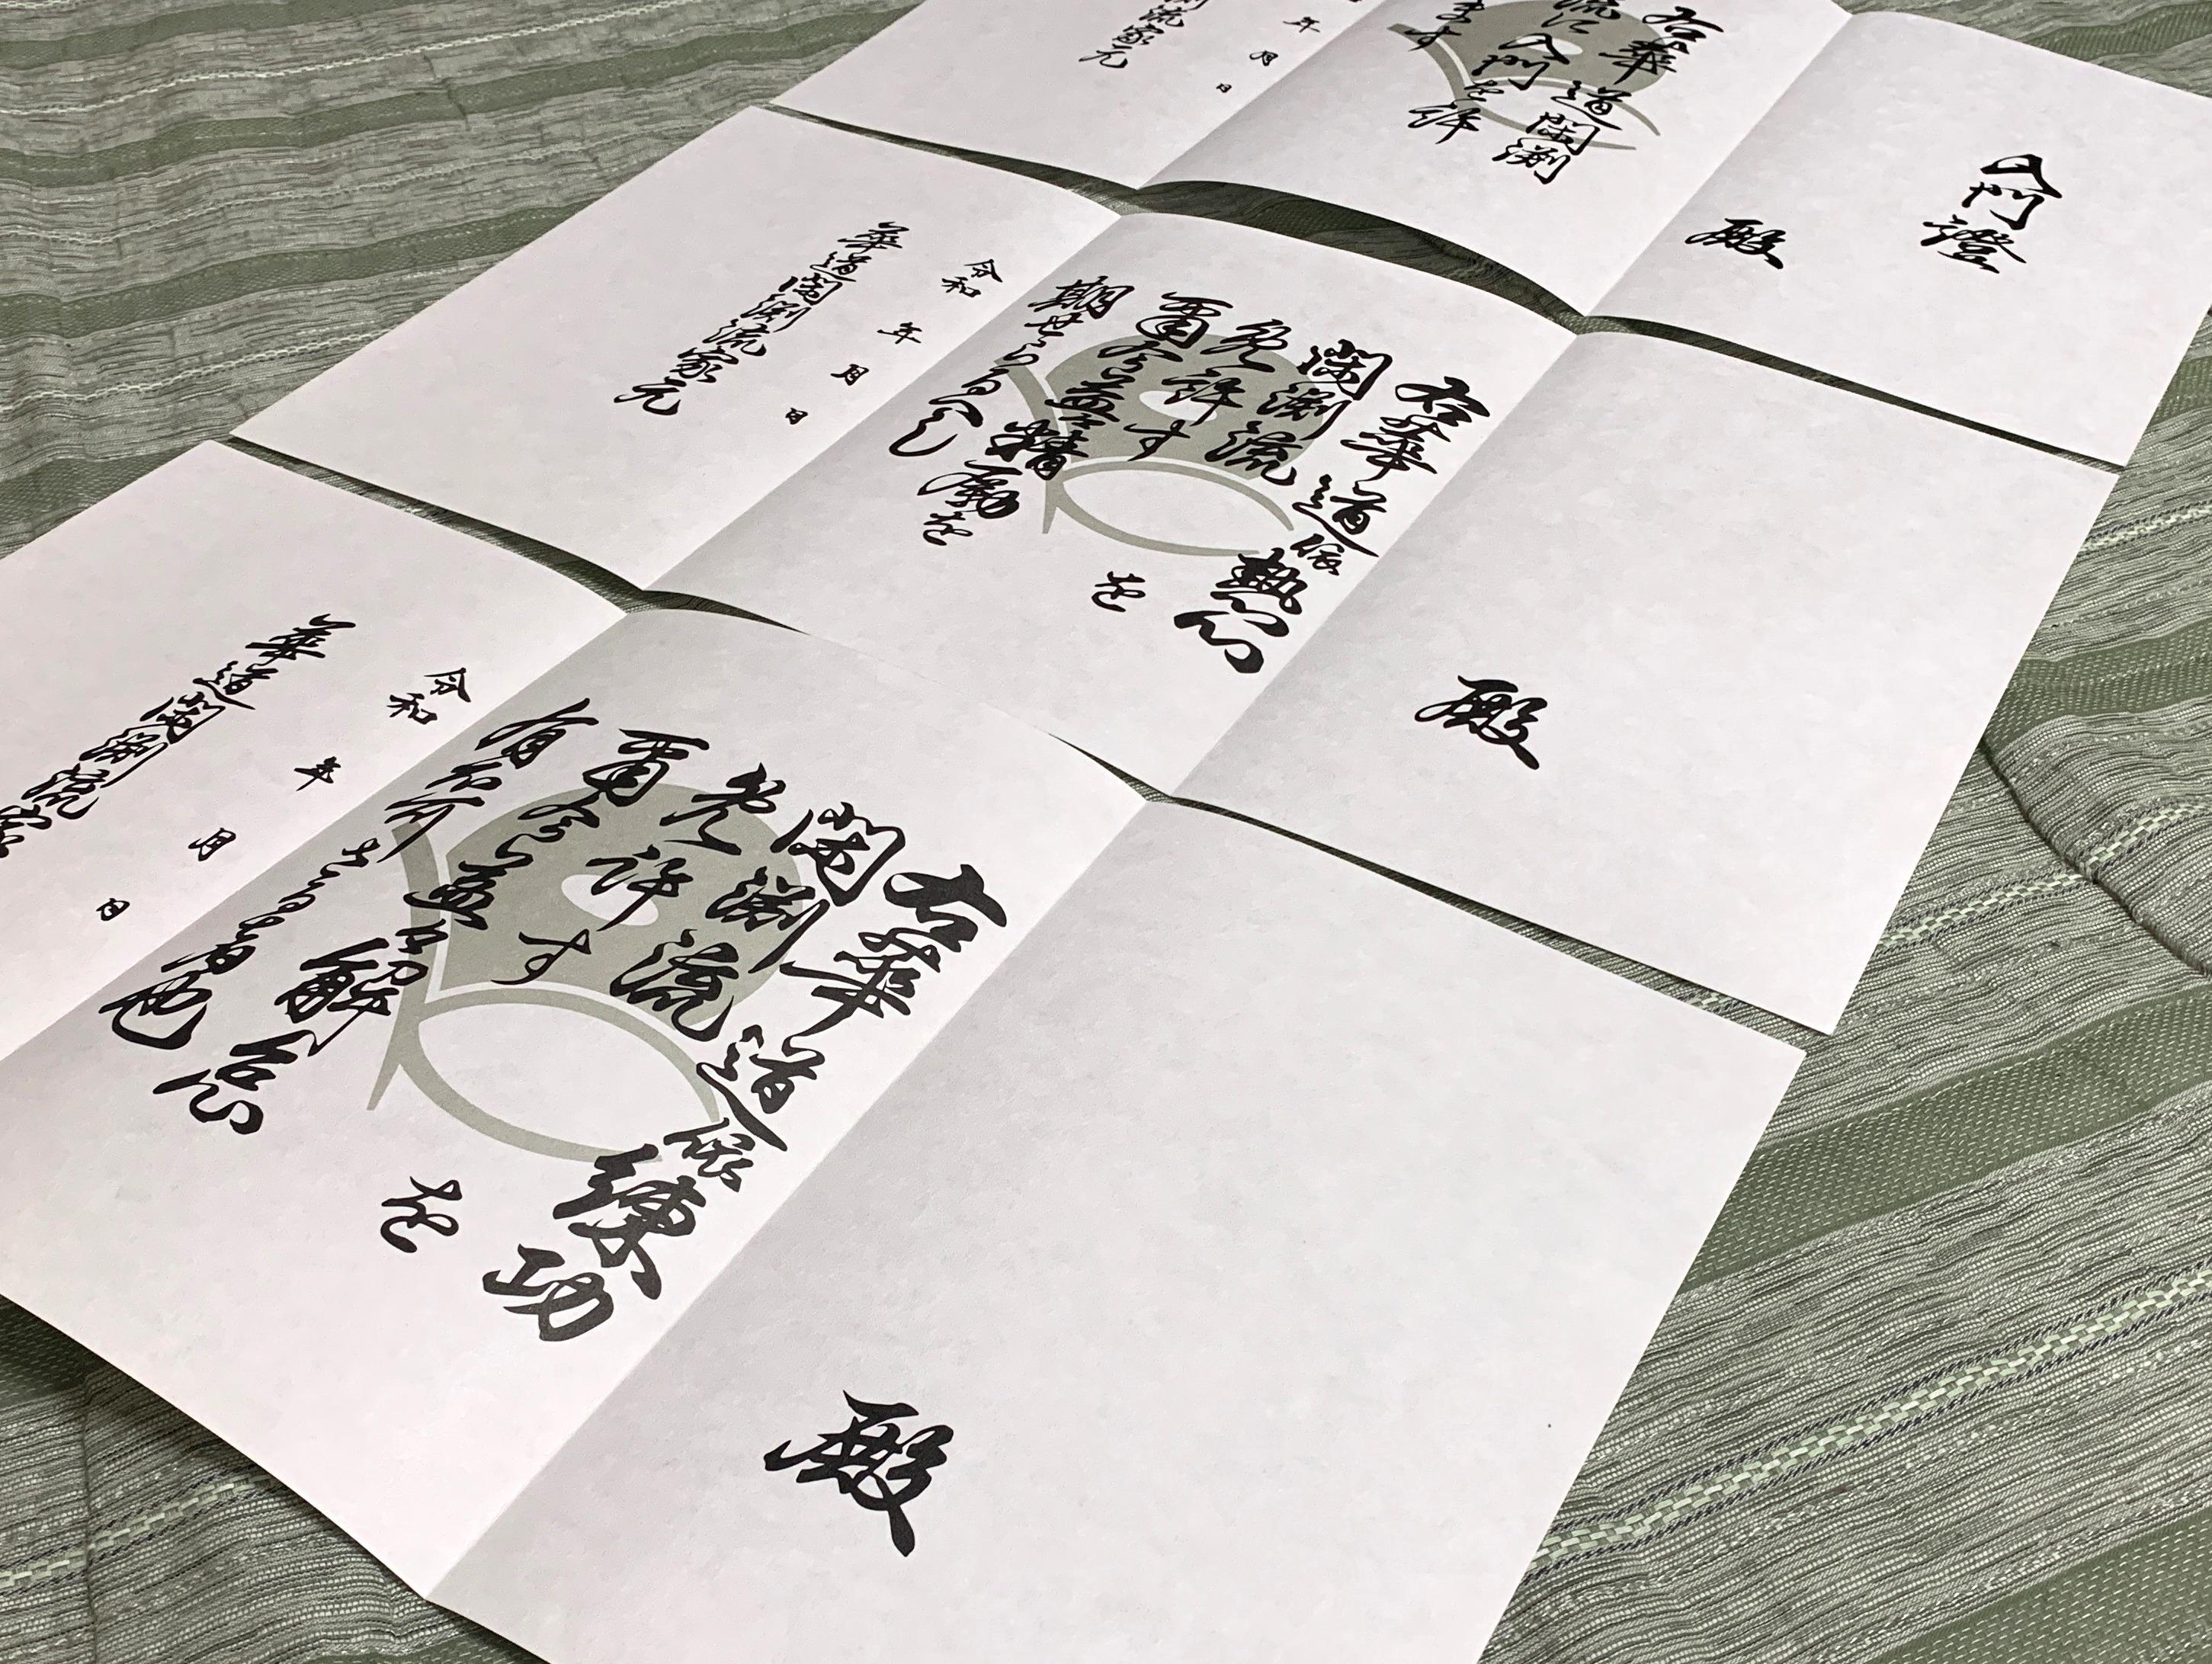 華道家元の免状用紙3種類を鳥の子紙を使って別注で作製しました